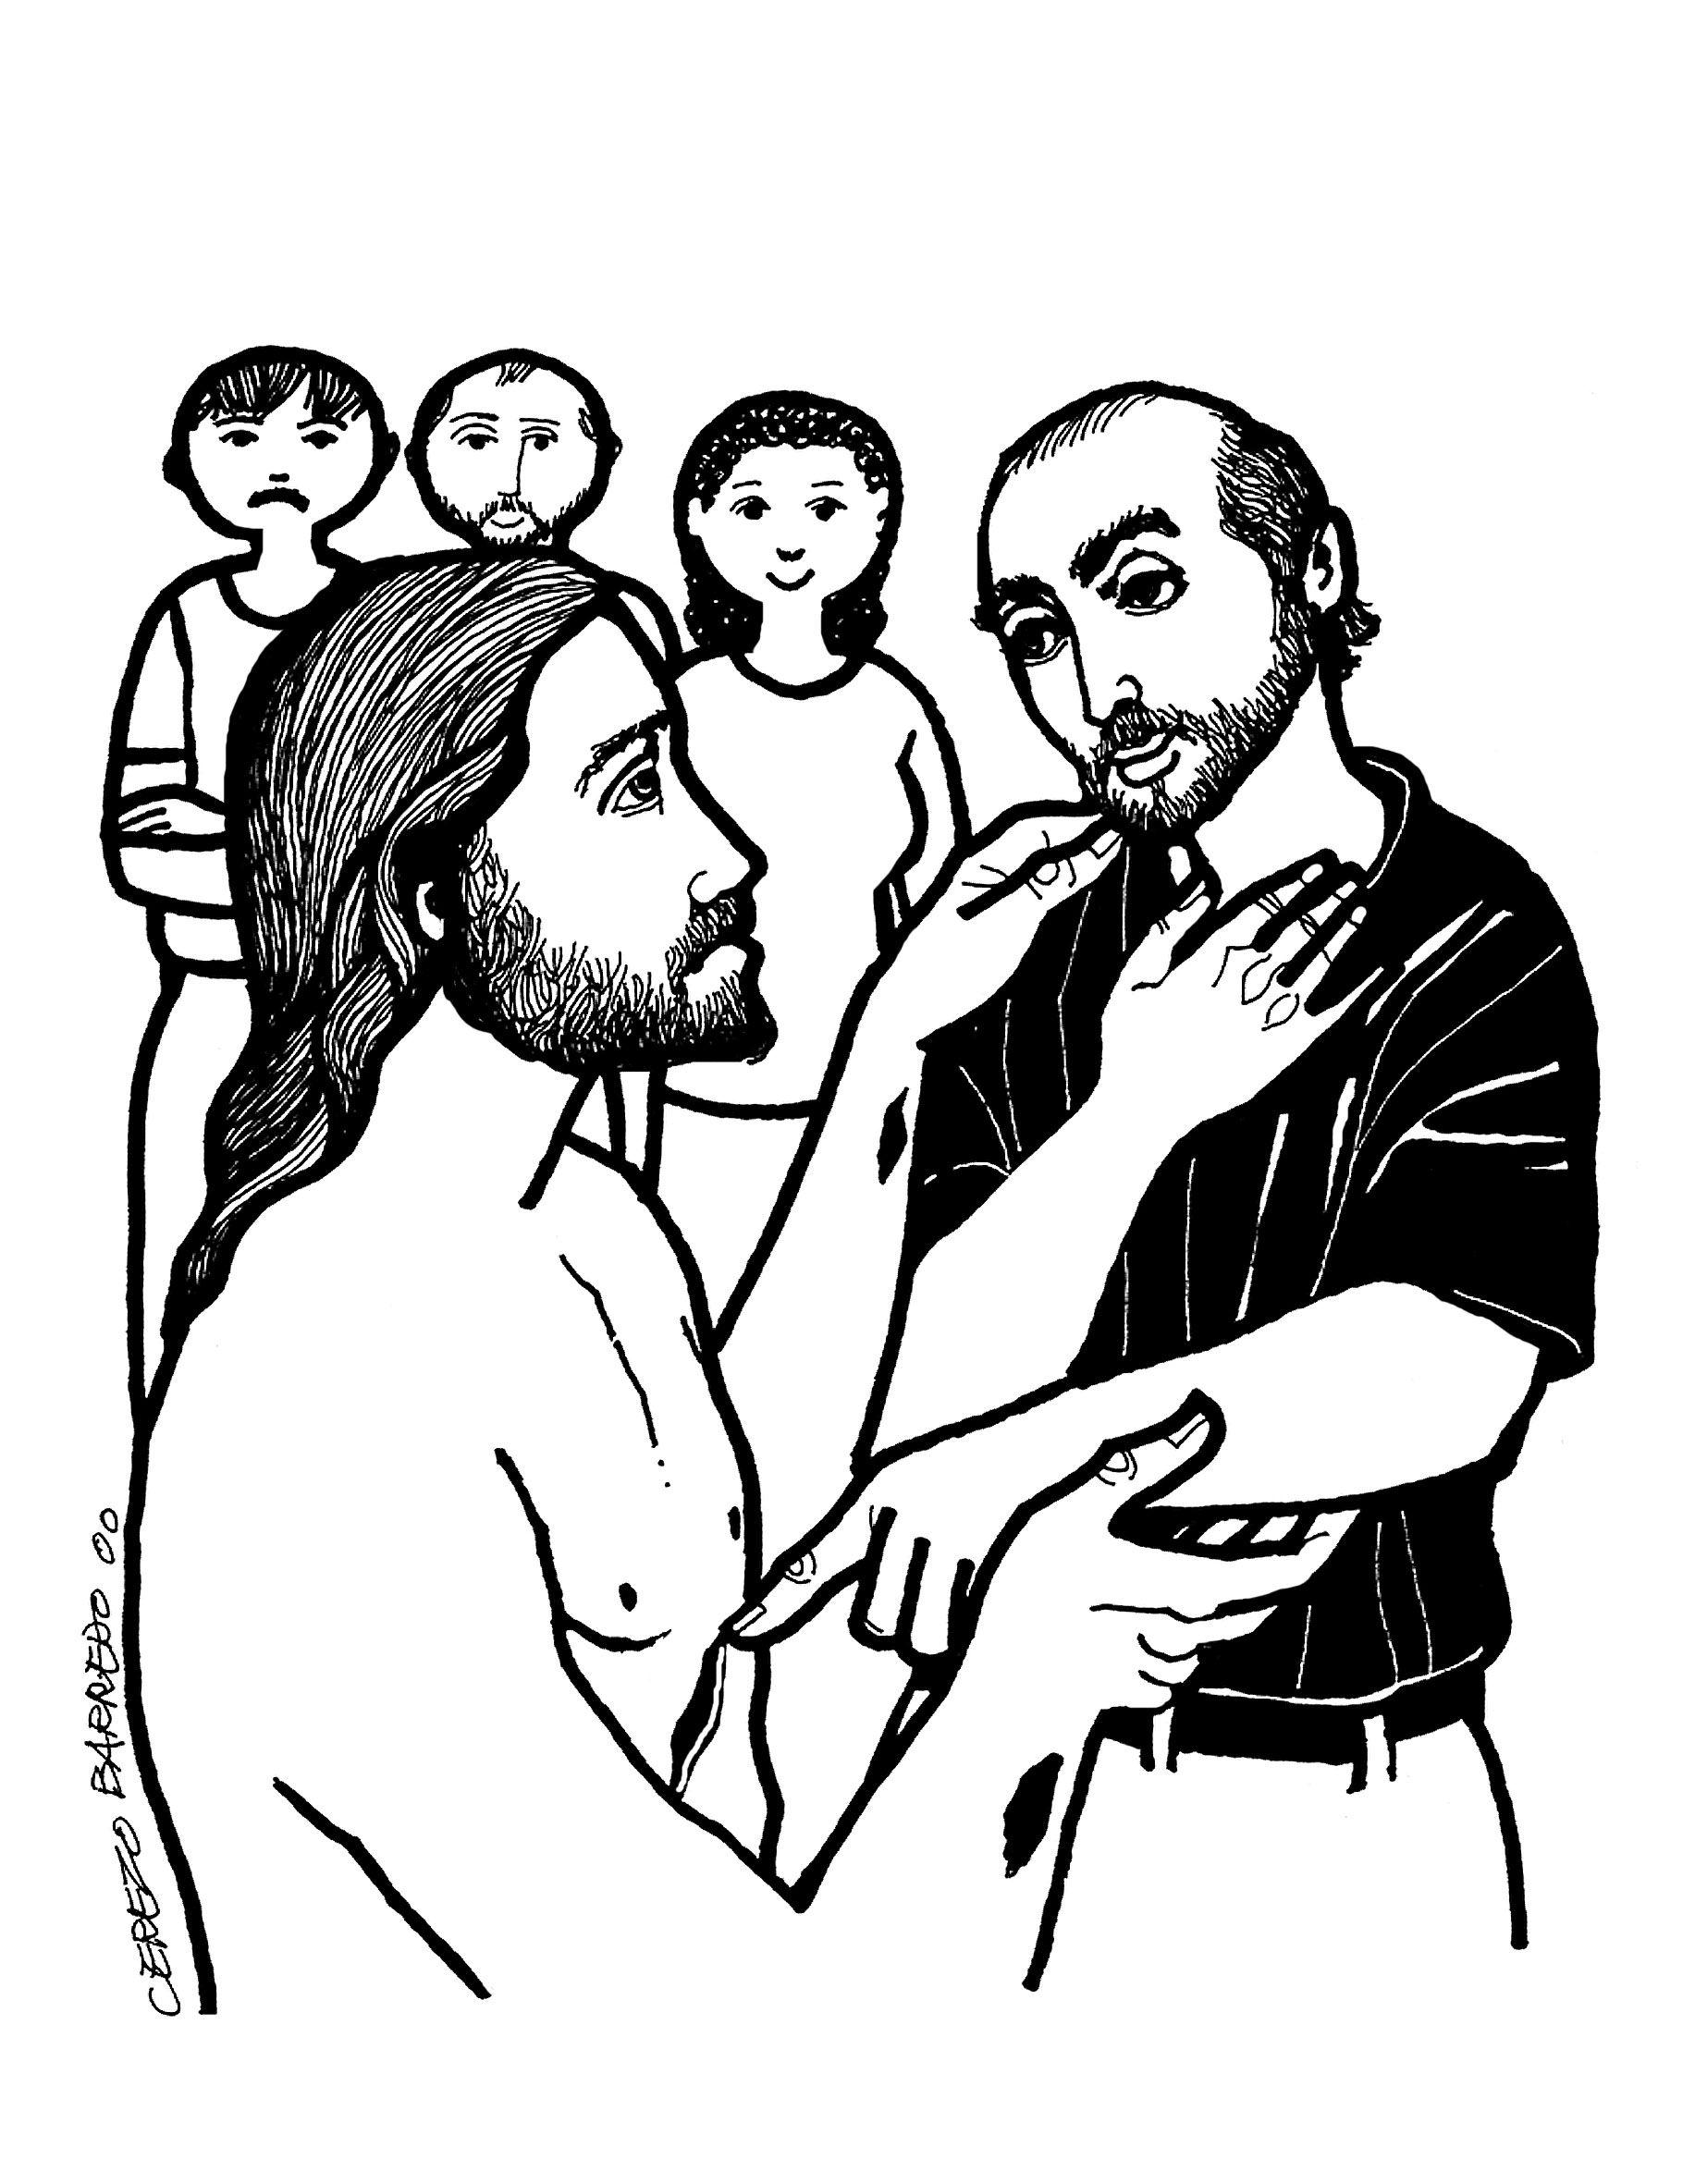 Evangelio Del Día Lecturas Del Domingo 3 De Abril De 2016 Evangelio Del Dia Evangelio Lectura